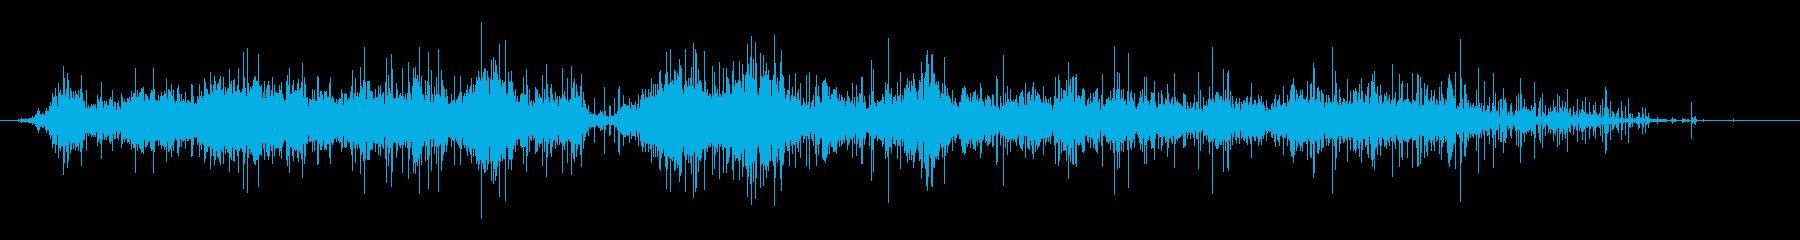 ビニール袋:重いしわの再生済みの波形